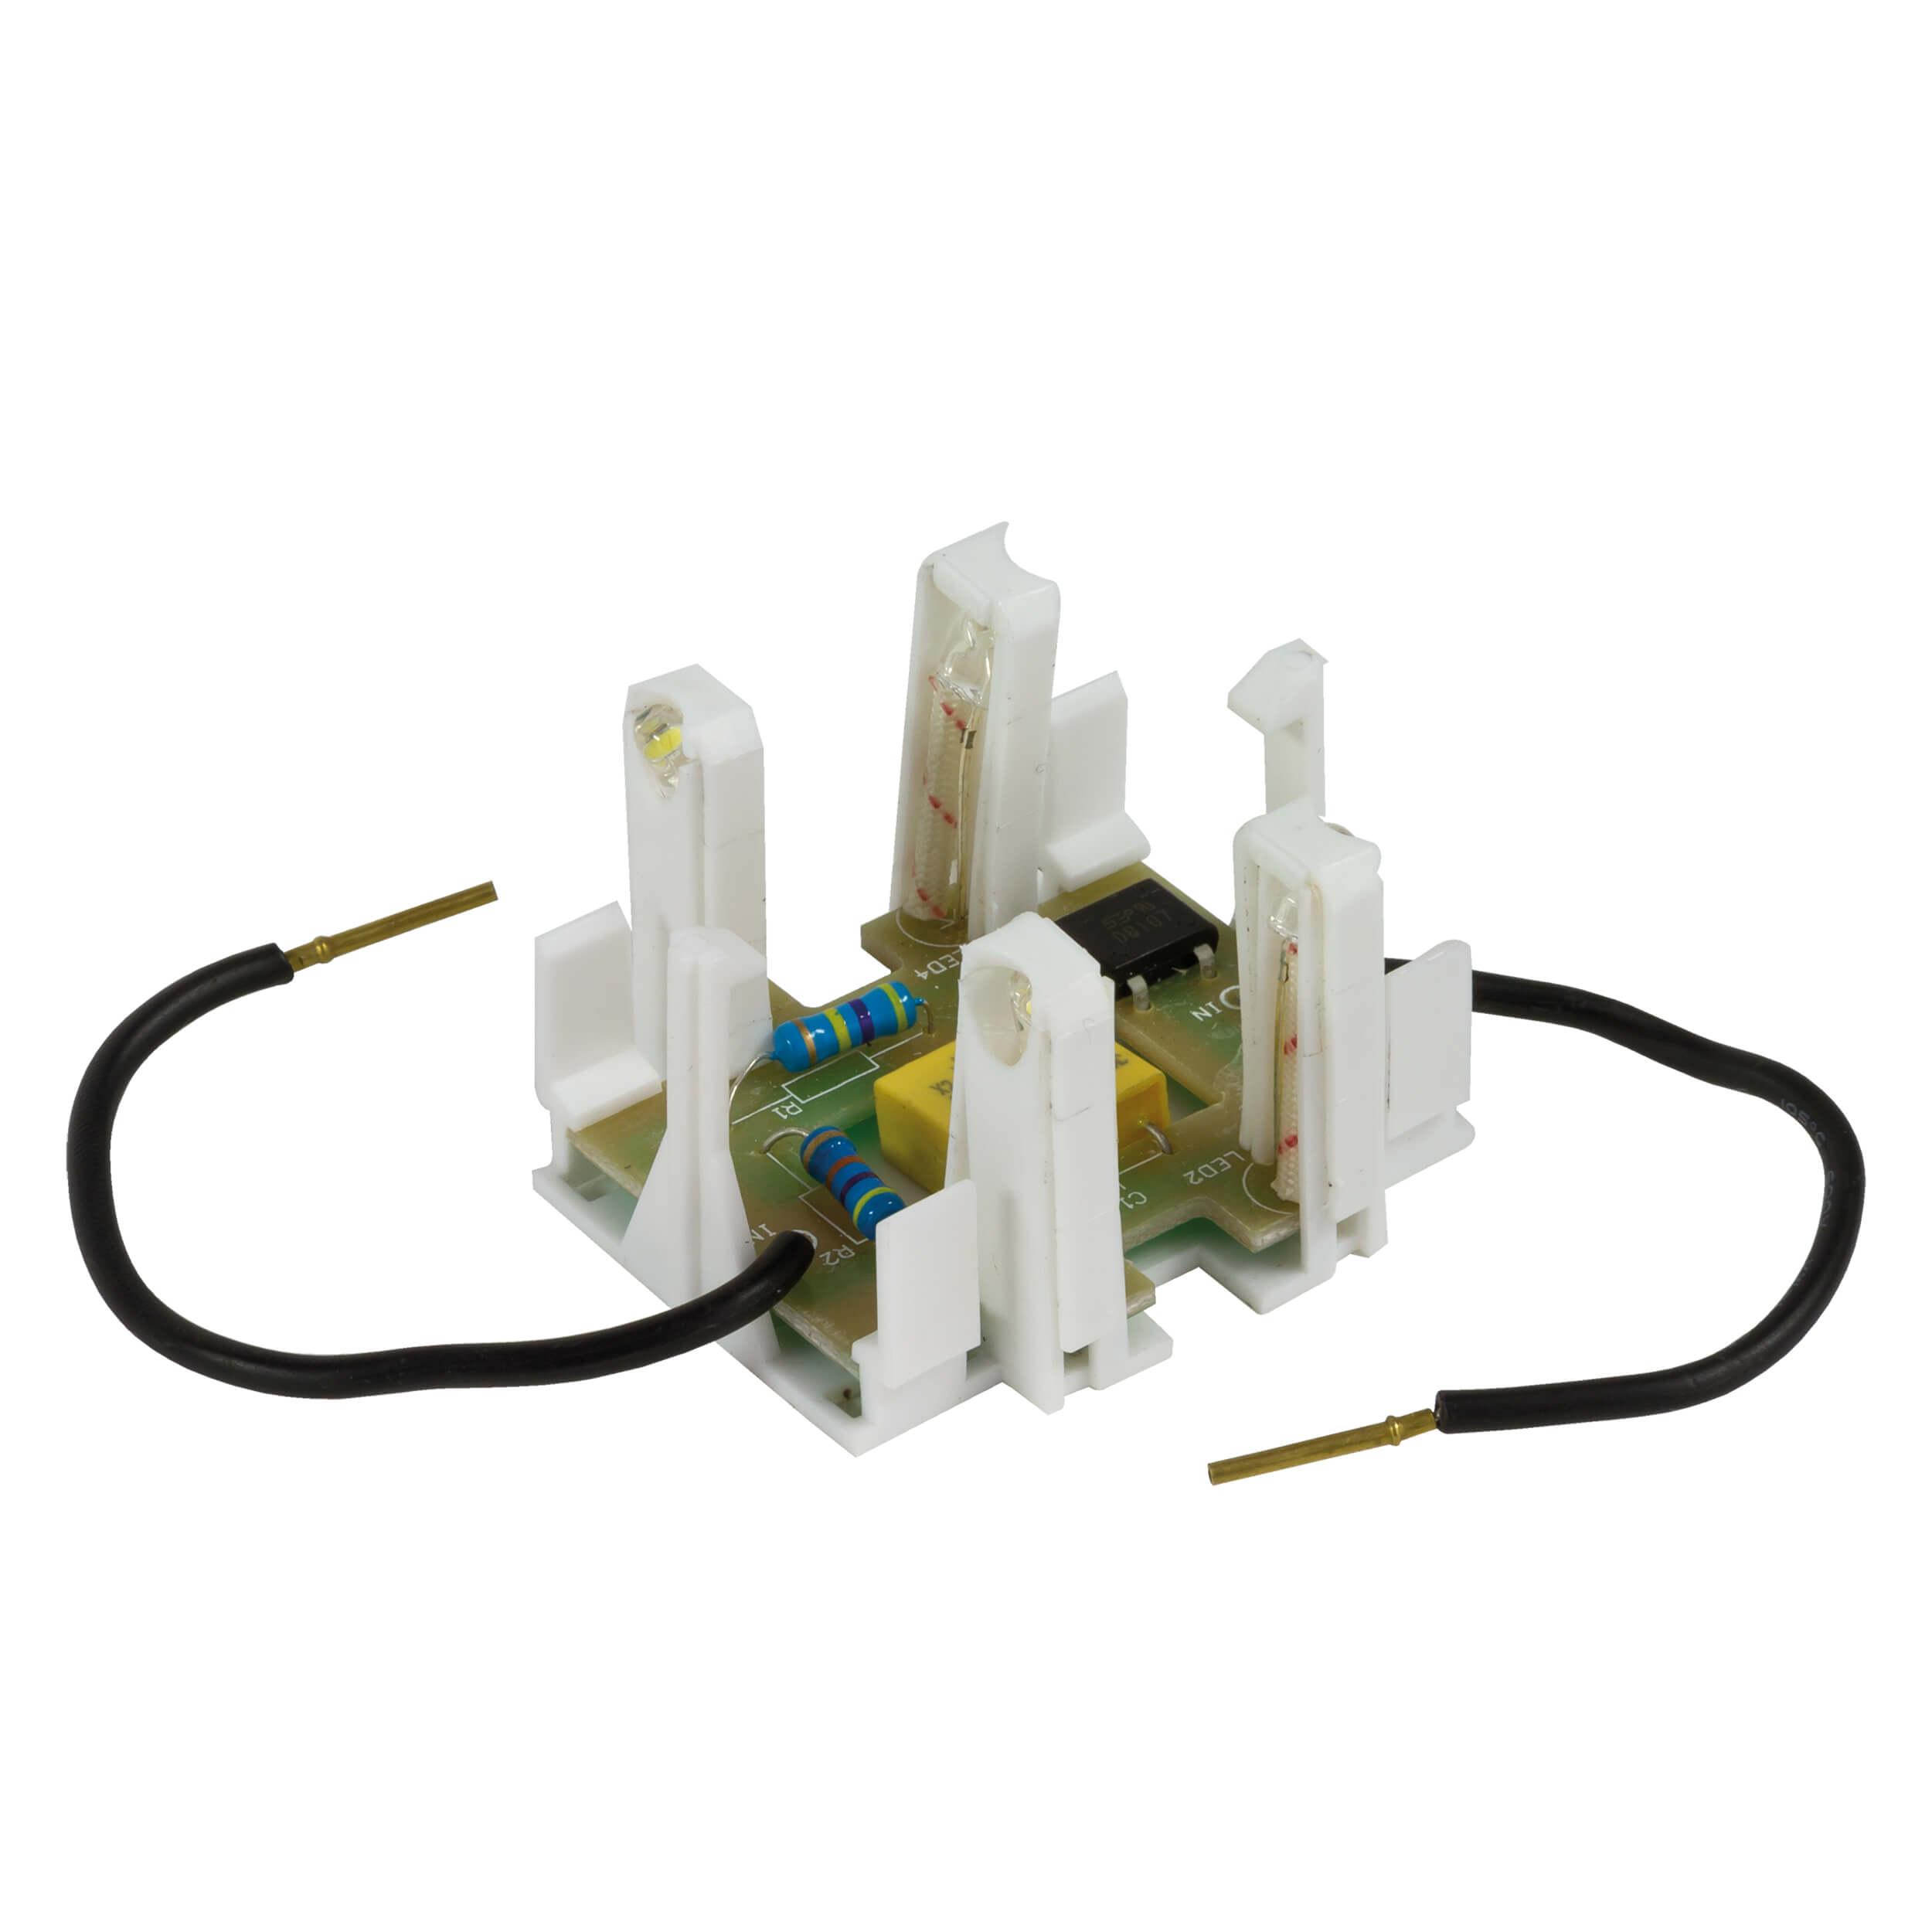 Ascoli LED-Modul inklusiv orangenem und blauem Farbring für Schalter- und Steckdosenprogramm